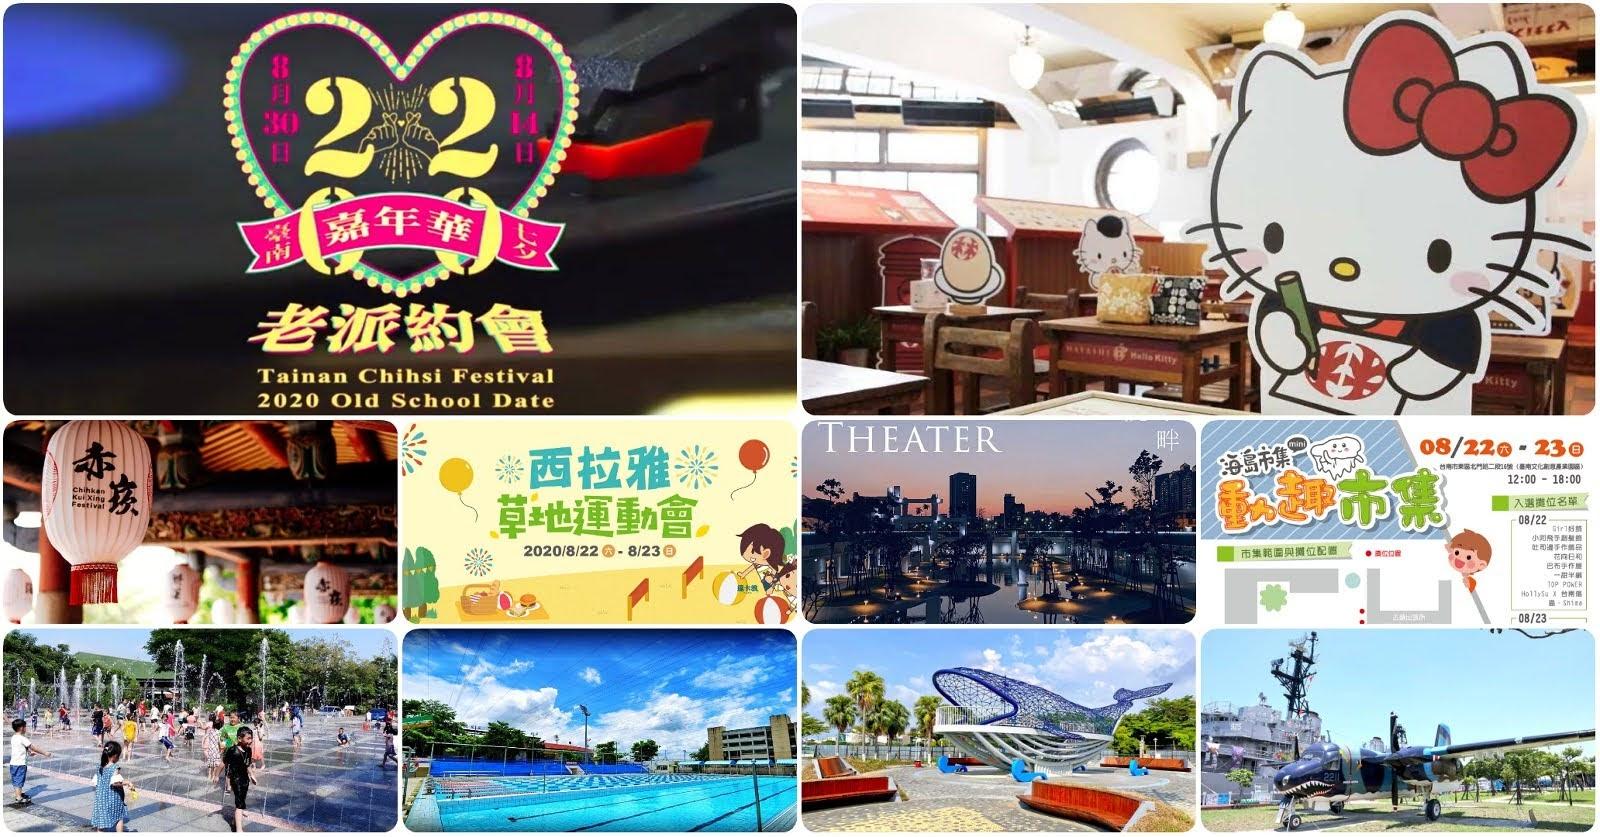 [活動] 2020/8/21-/8/23|台南週末活動整理|本週末活動數:90